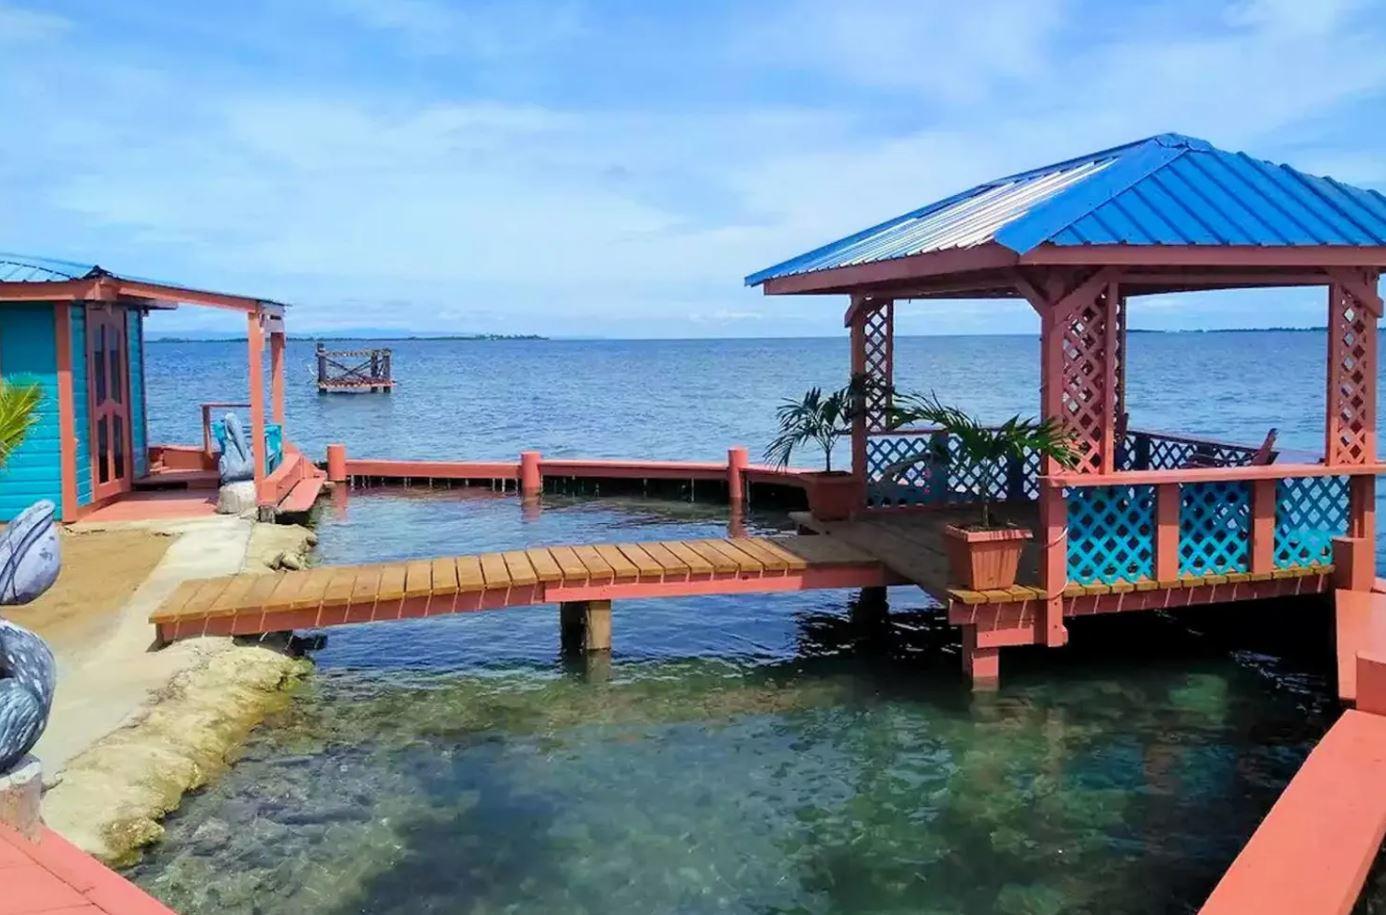 Localizada na Ilha dos Pássaros, em Placencia